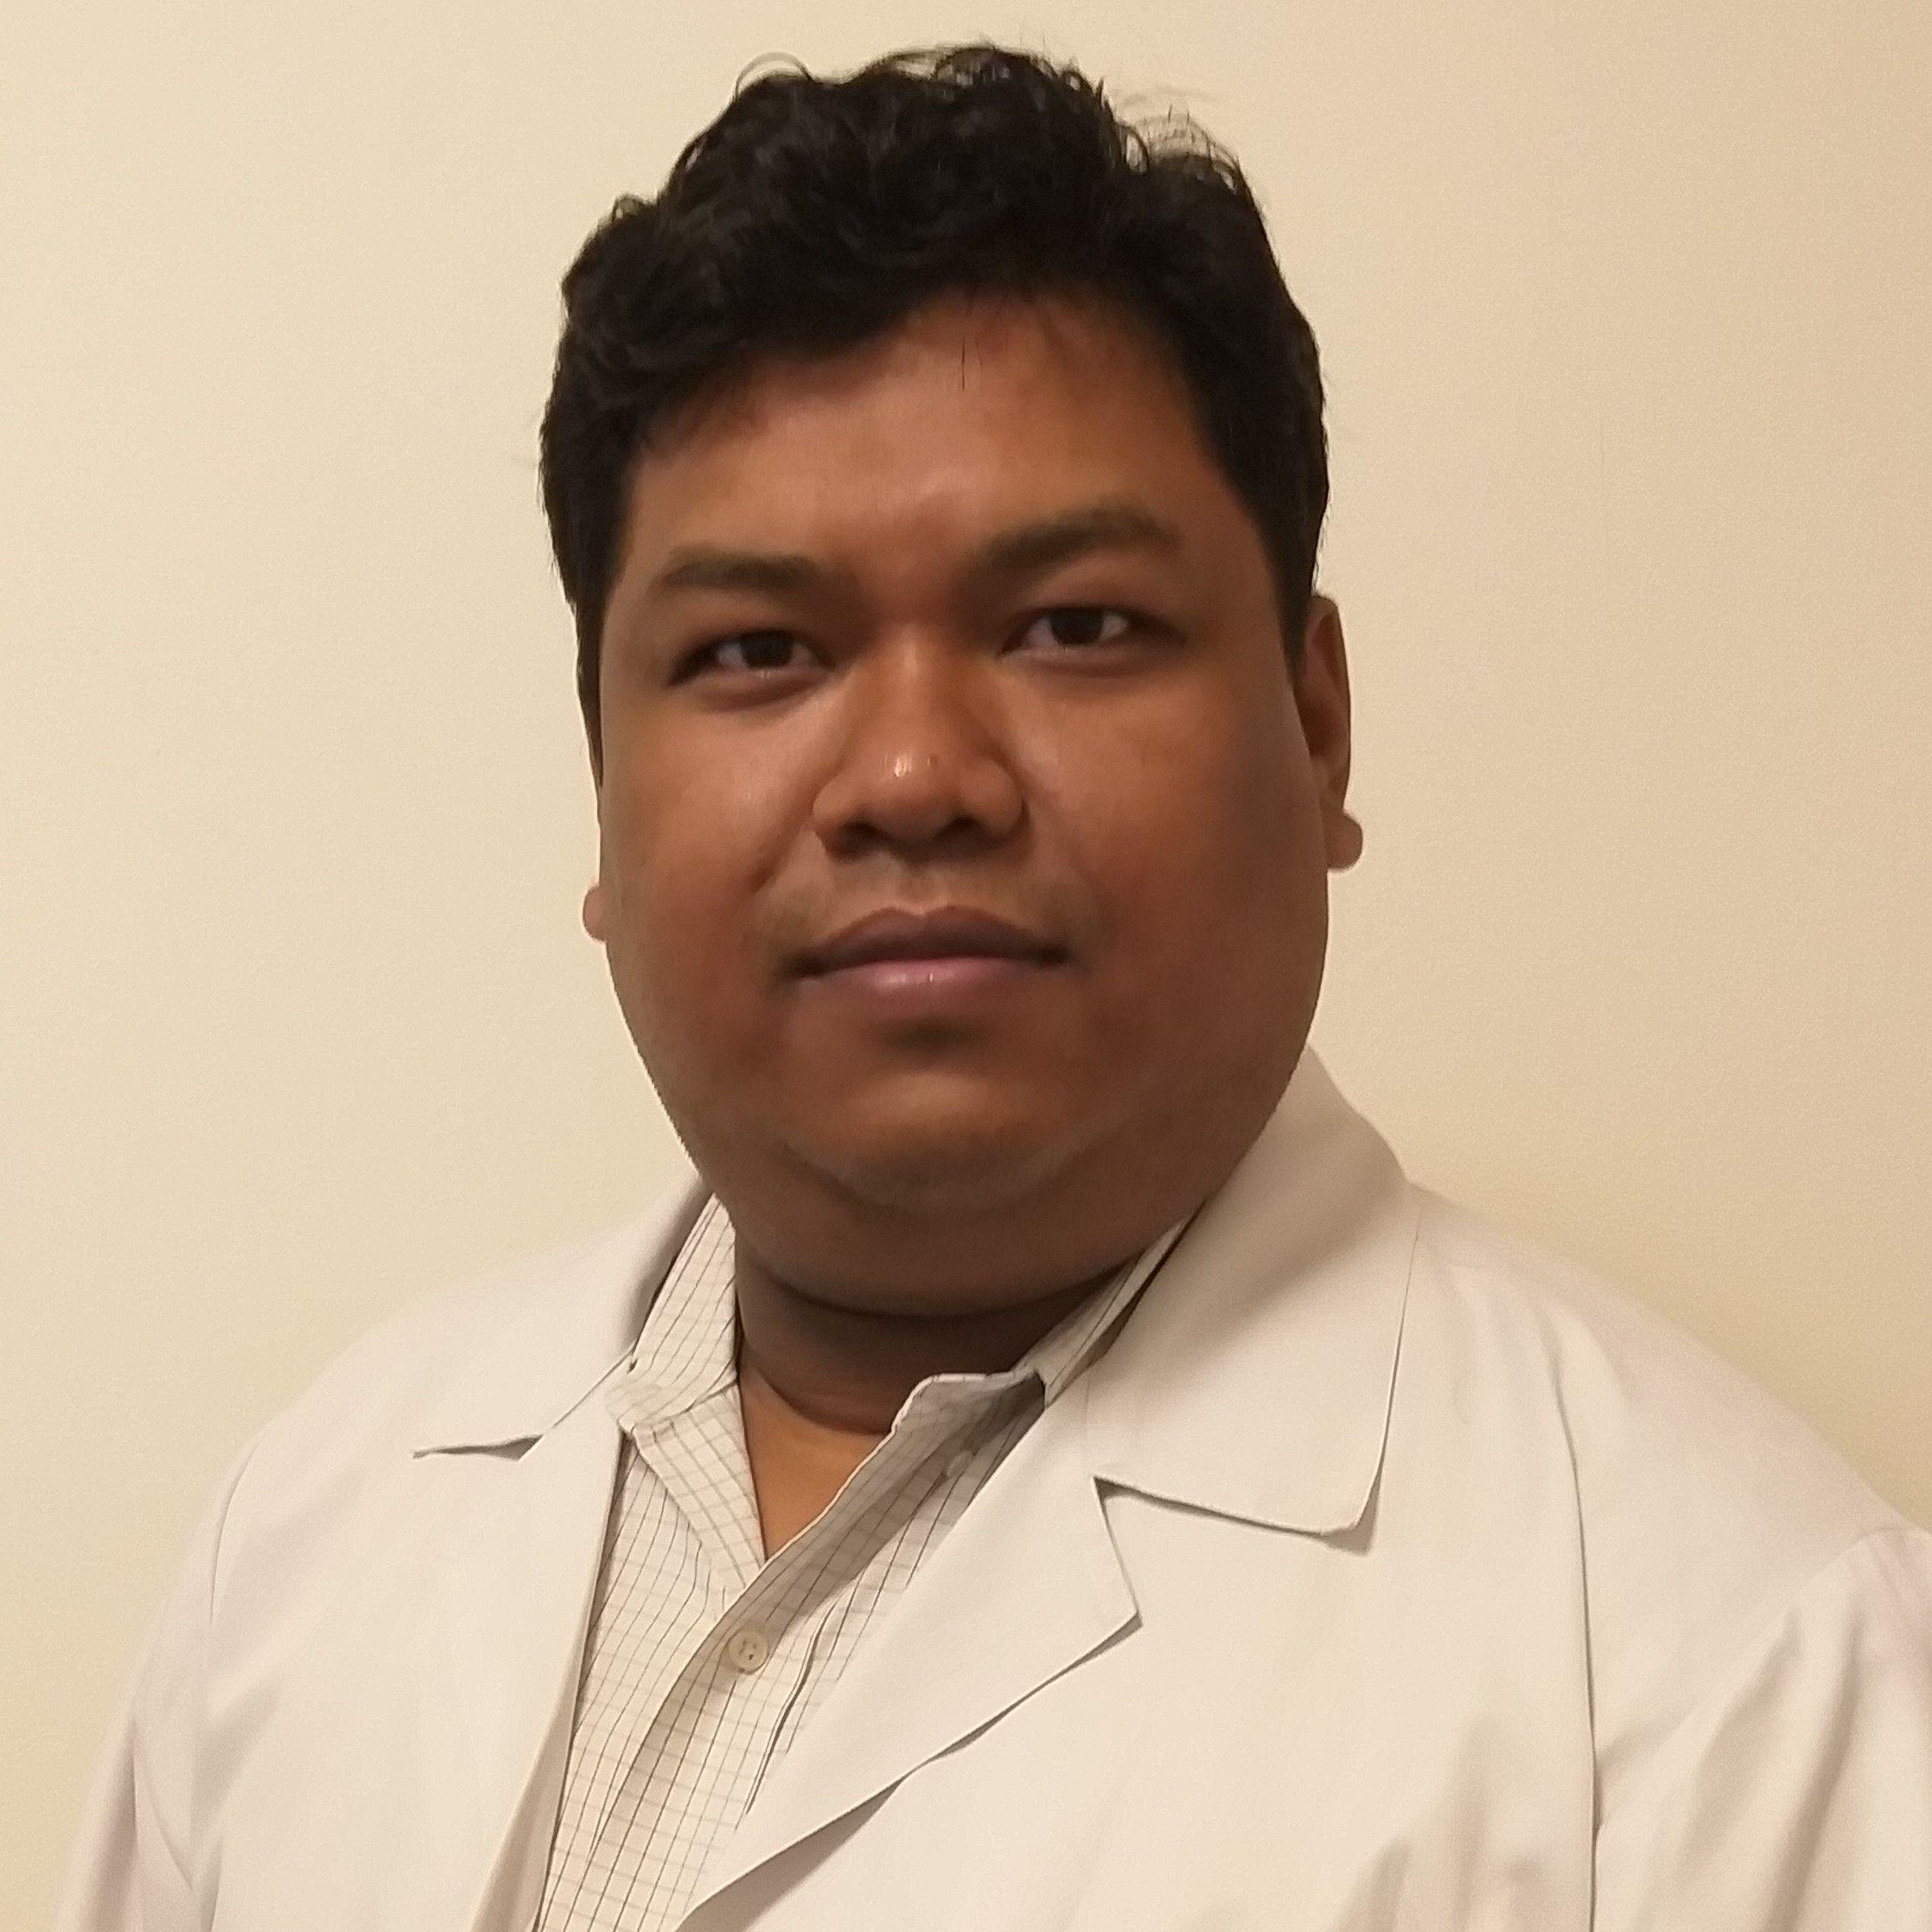 Dr. Anup Kumar Roy